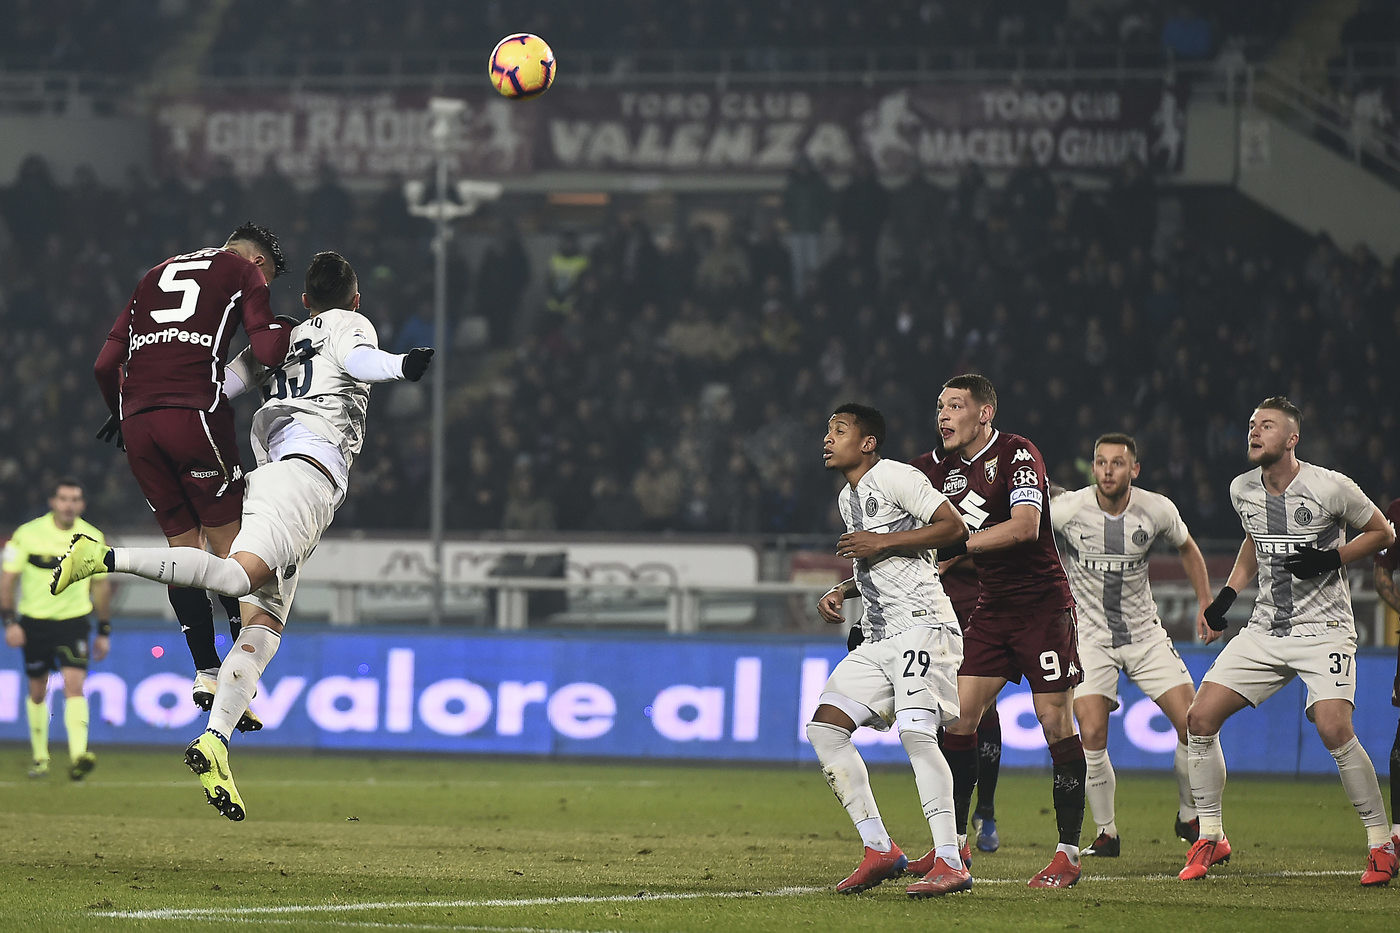 Serie A, una brutta Inter cade 1-0 a Torino: Izzo firma l'impresa granata